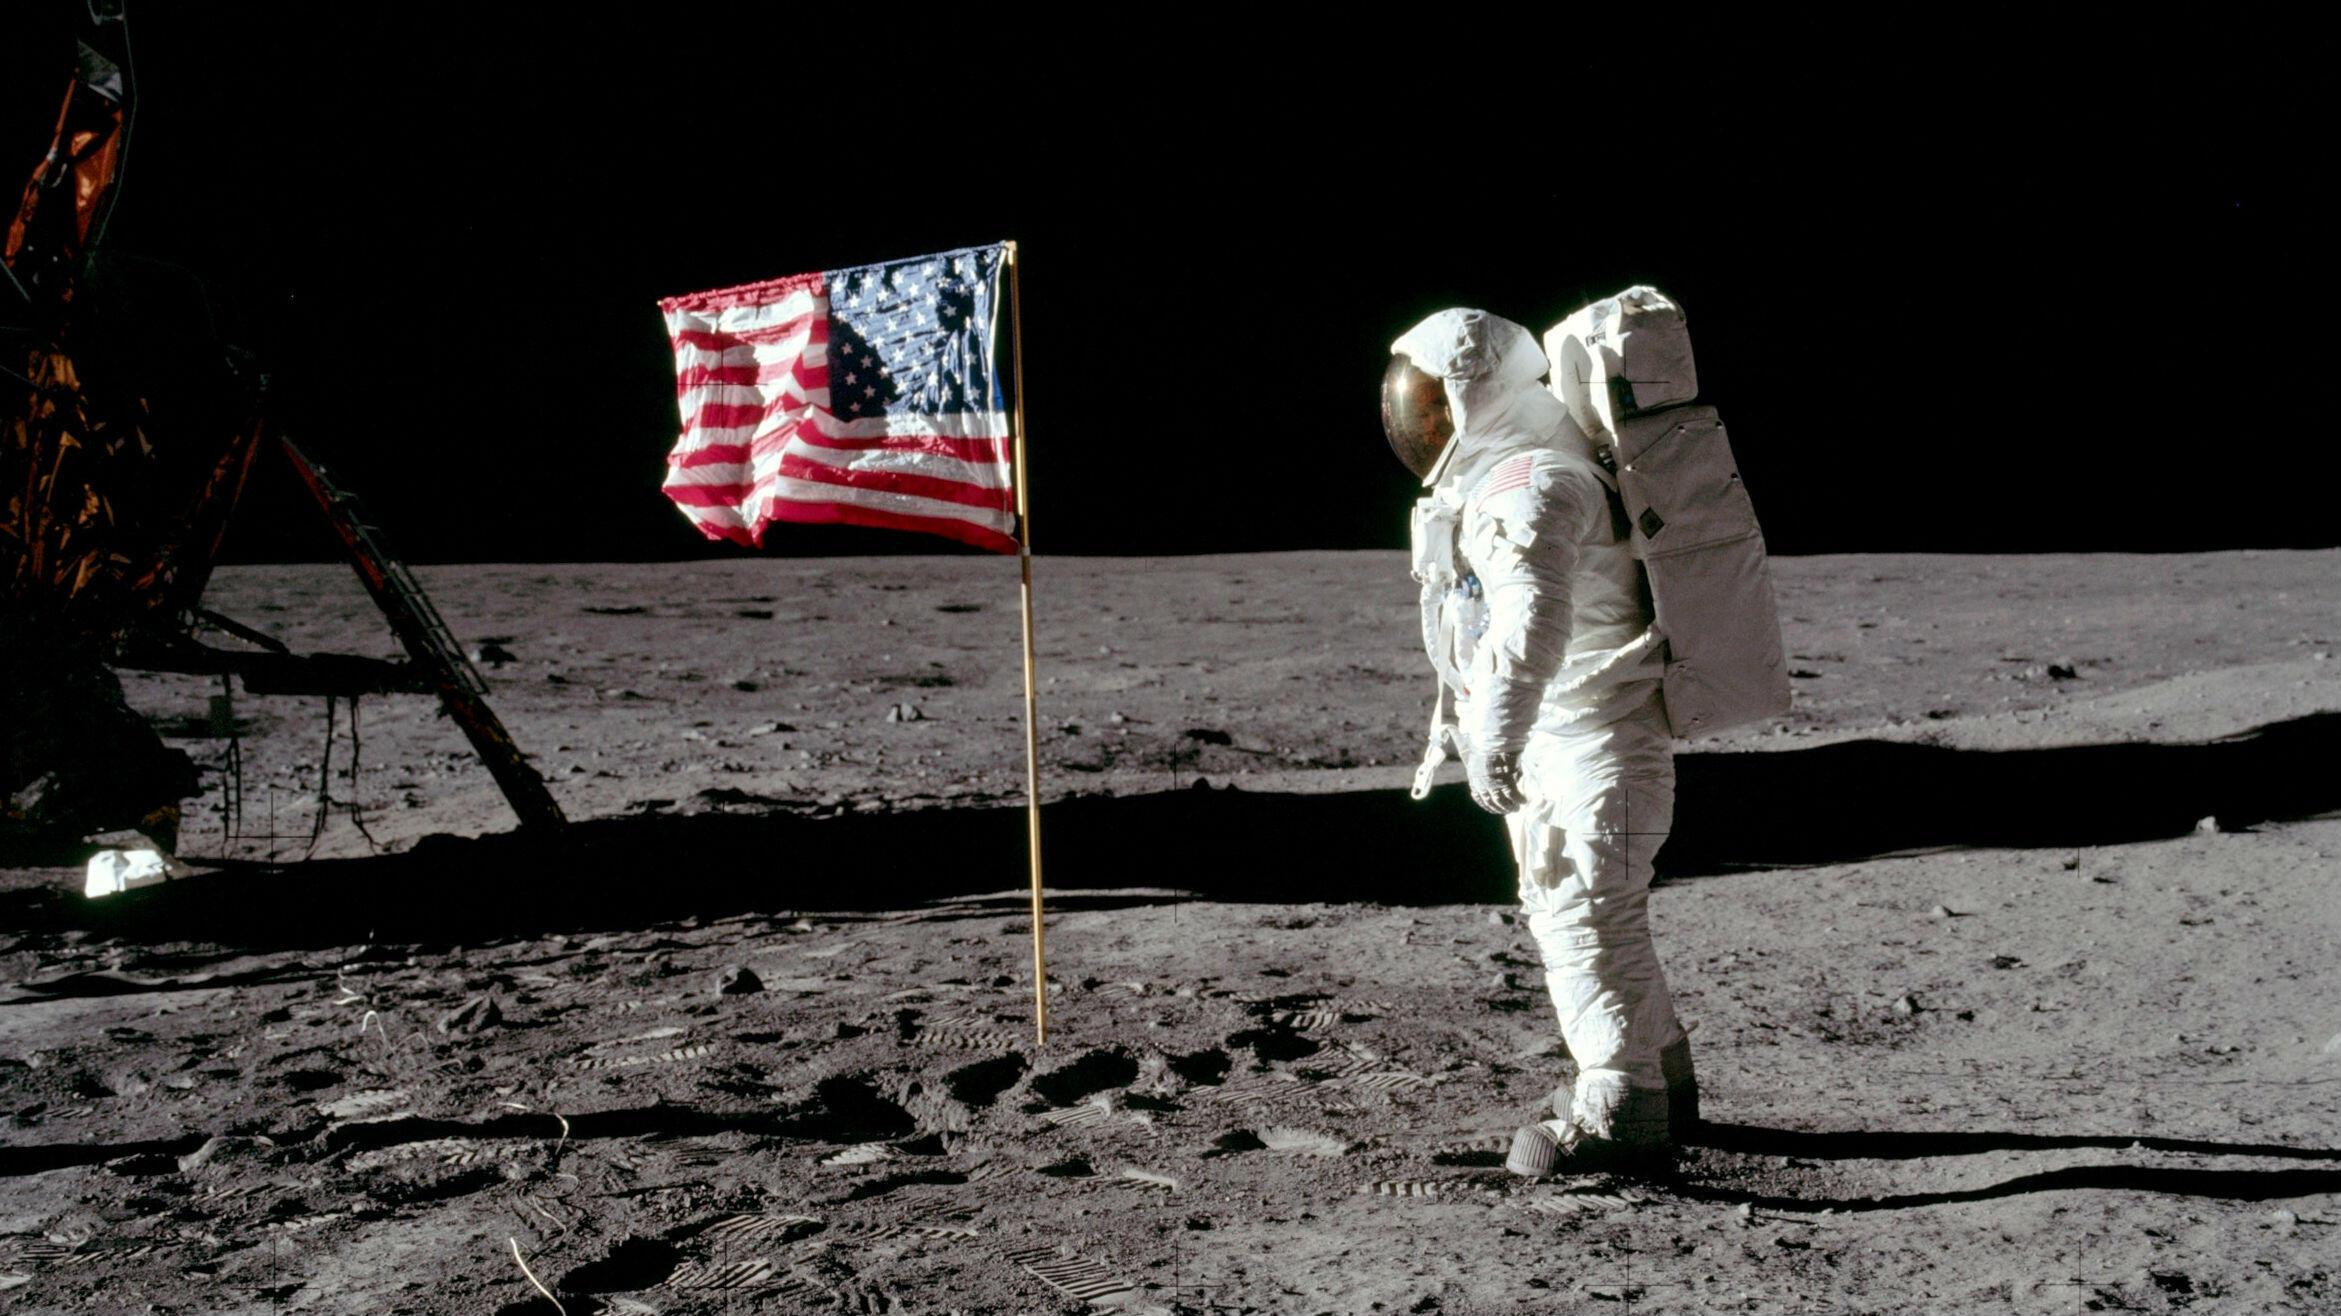 Foto de archivo del astronauta Buzz Aldrin caminando sobre la superficie de la Luna, el 20 de julio de 1969.